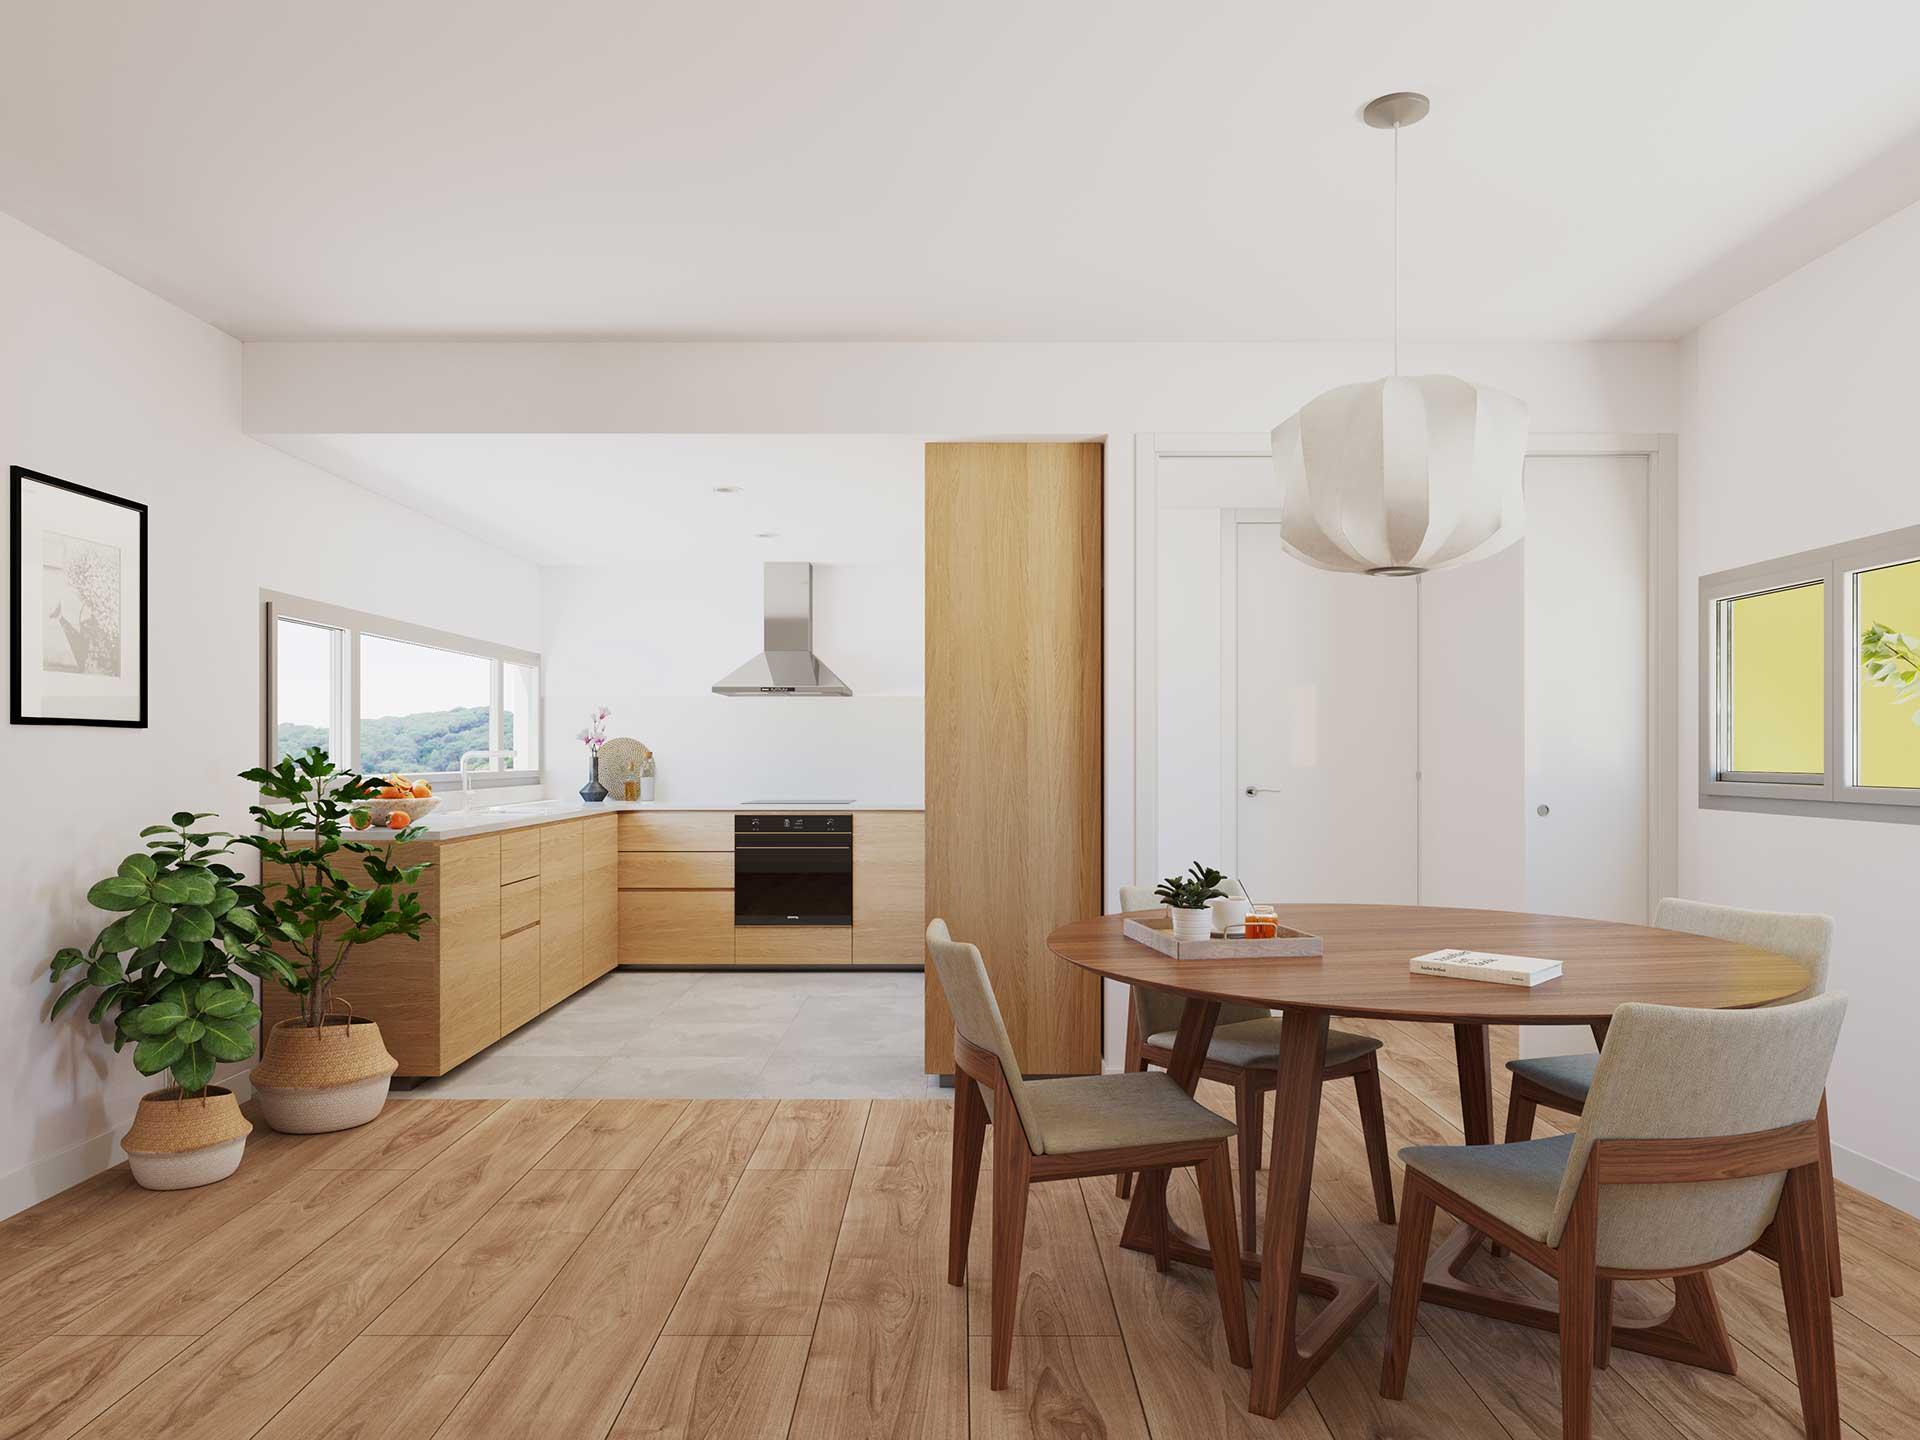 Render interiors - Can Canal - Pich Architects - Compra Venta Cases Bioclimàtiques I Ecològiques Cabrera de Mar, Barcelona